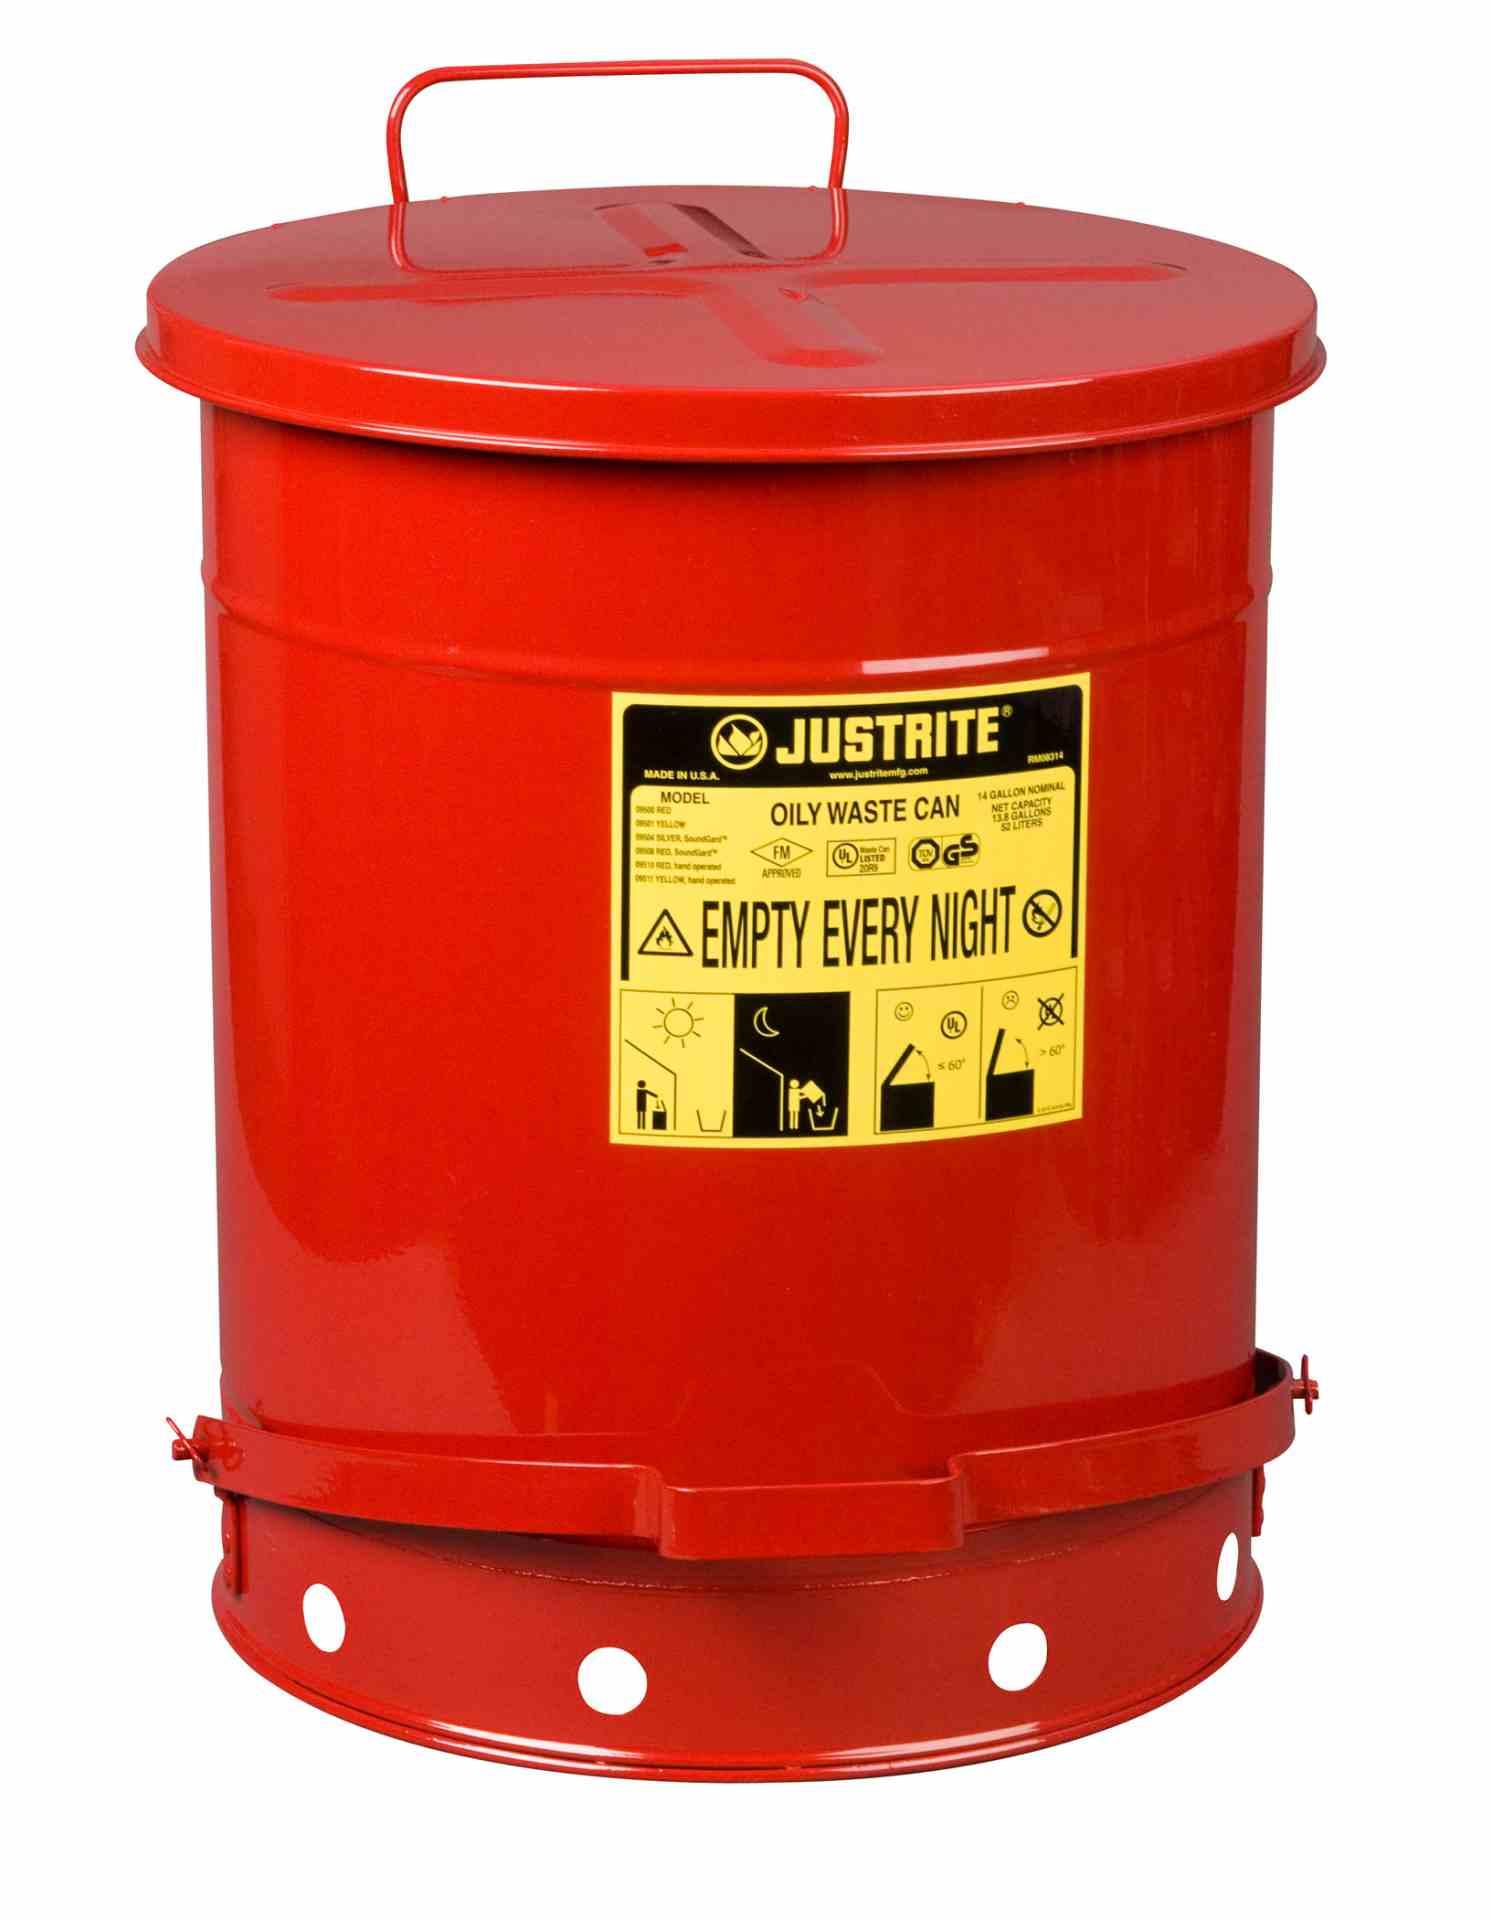 Pojemnik na odpady zaolejone, dźwignia nożna, czerwony 52 l.